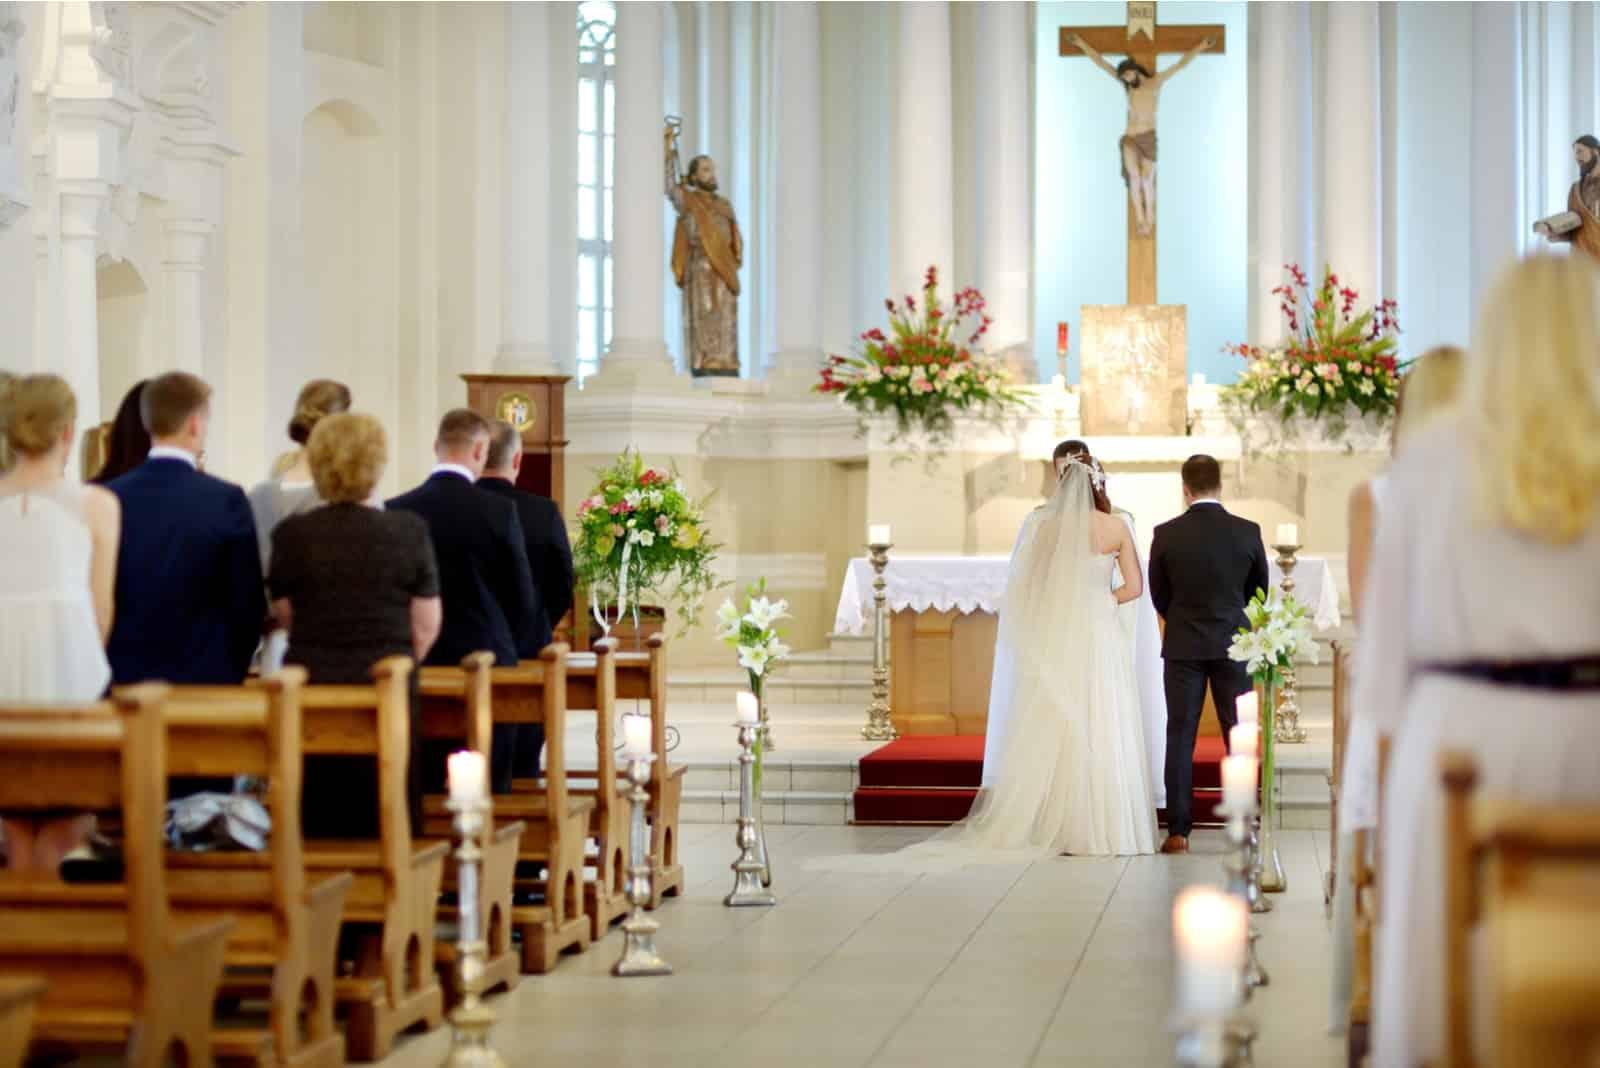 ein Mann und eine Frau bei einer kirchlichen Hochzeit